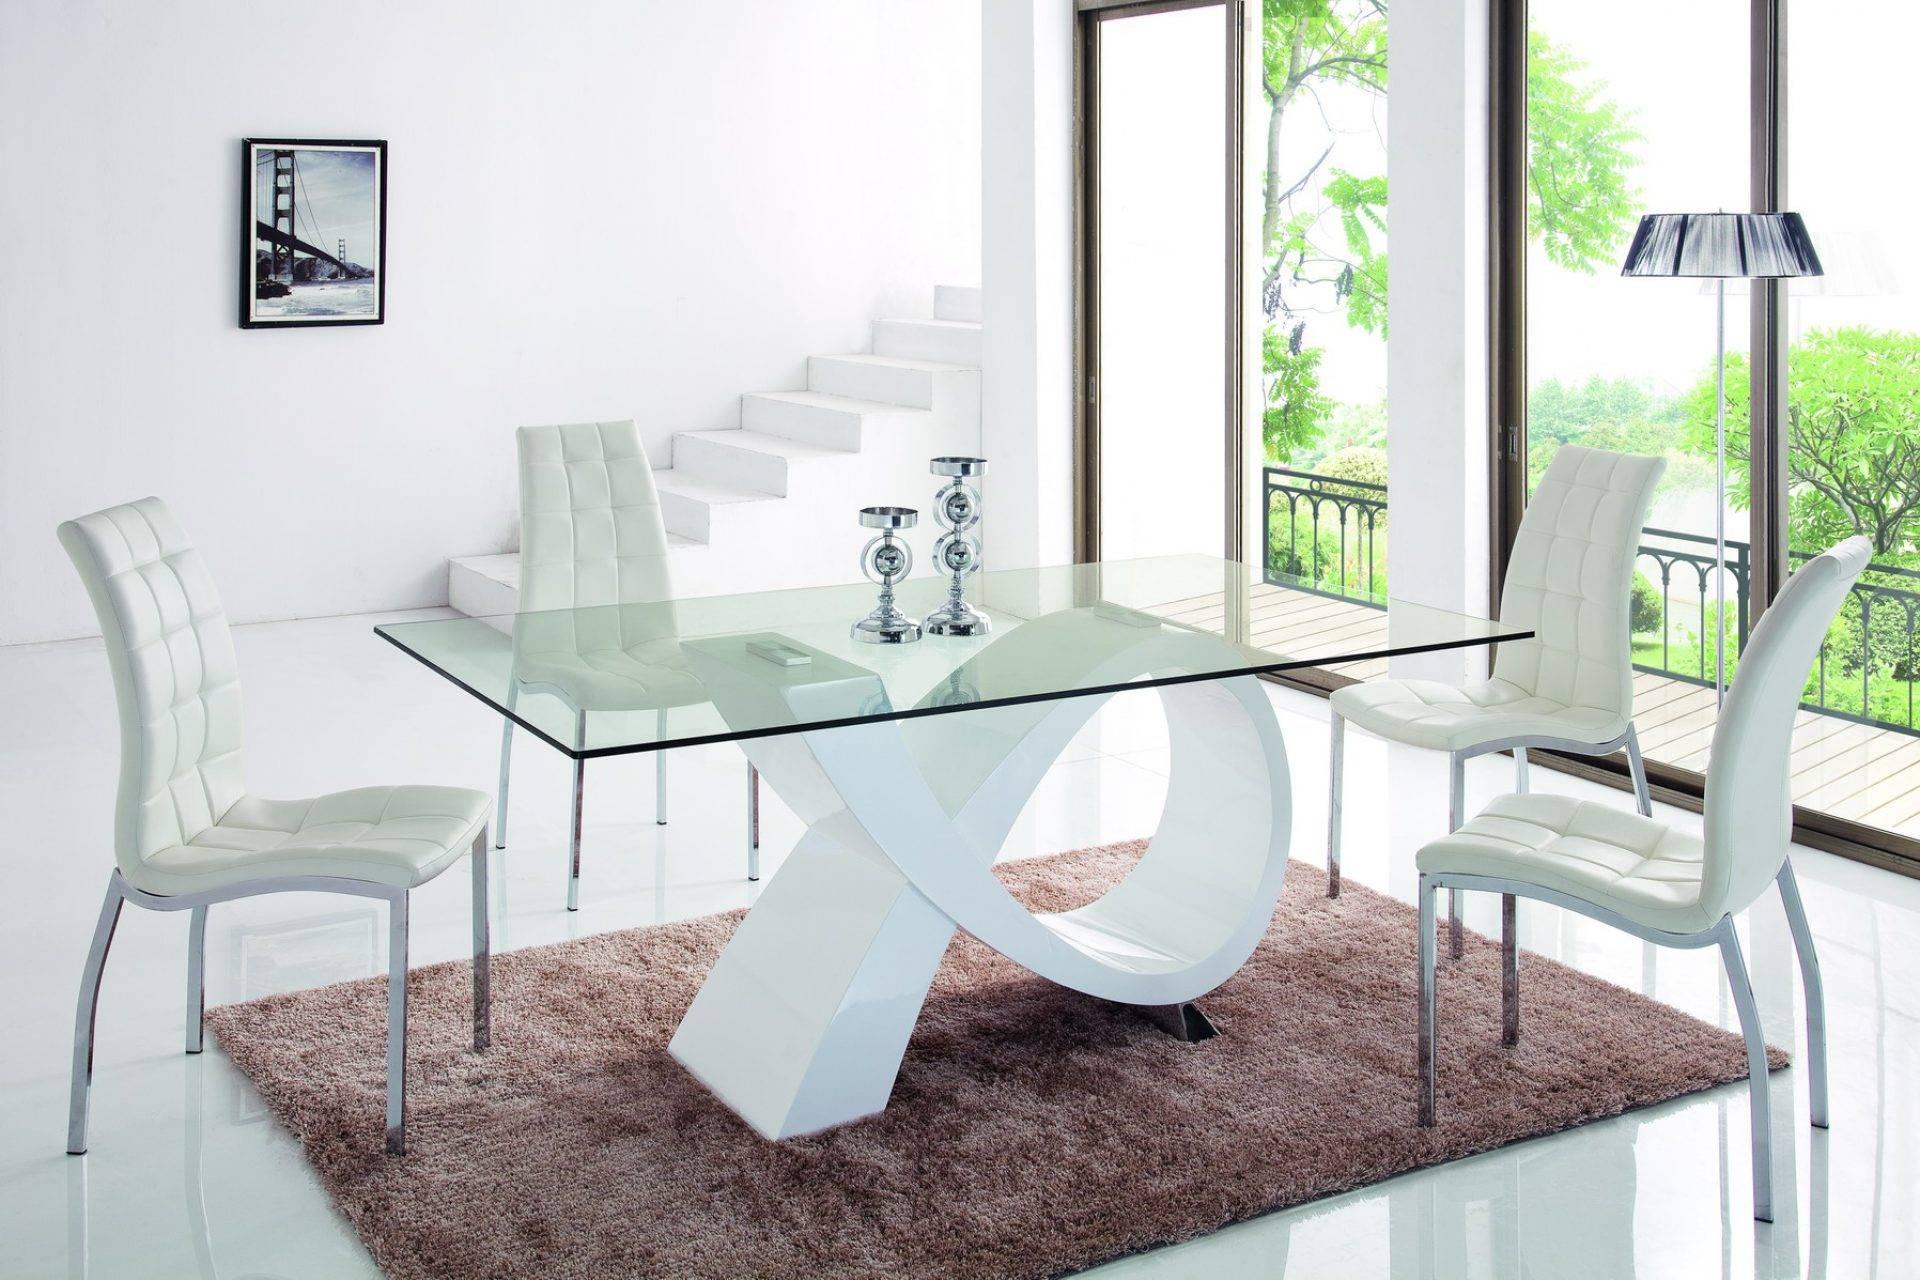 Стекло для мебели, способное выдержать большие нагрузки